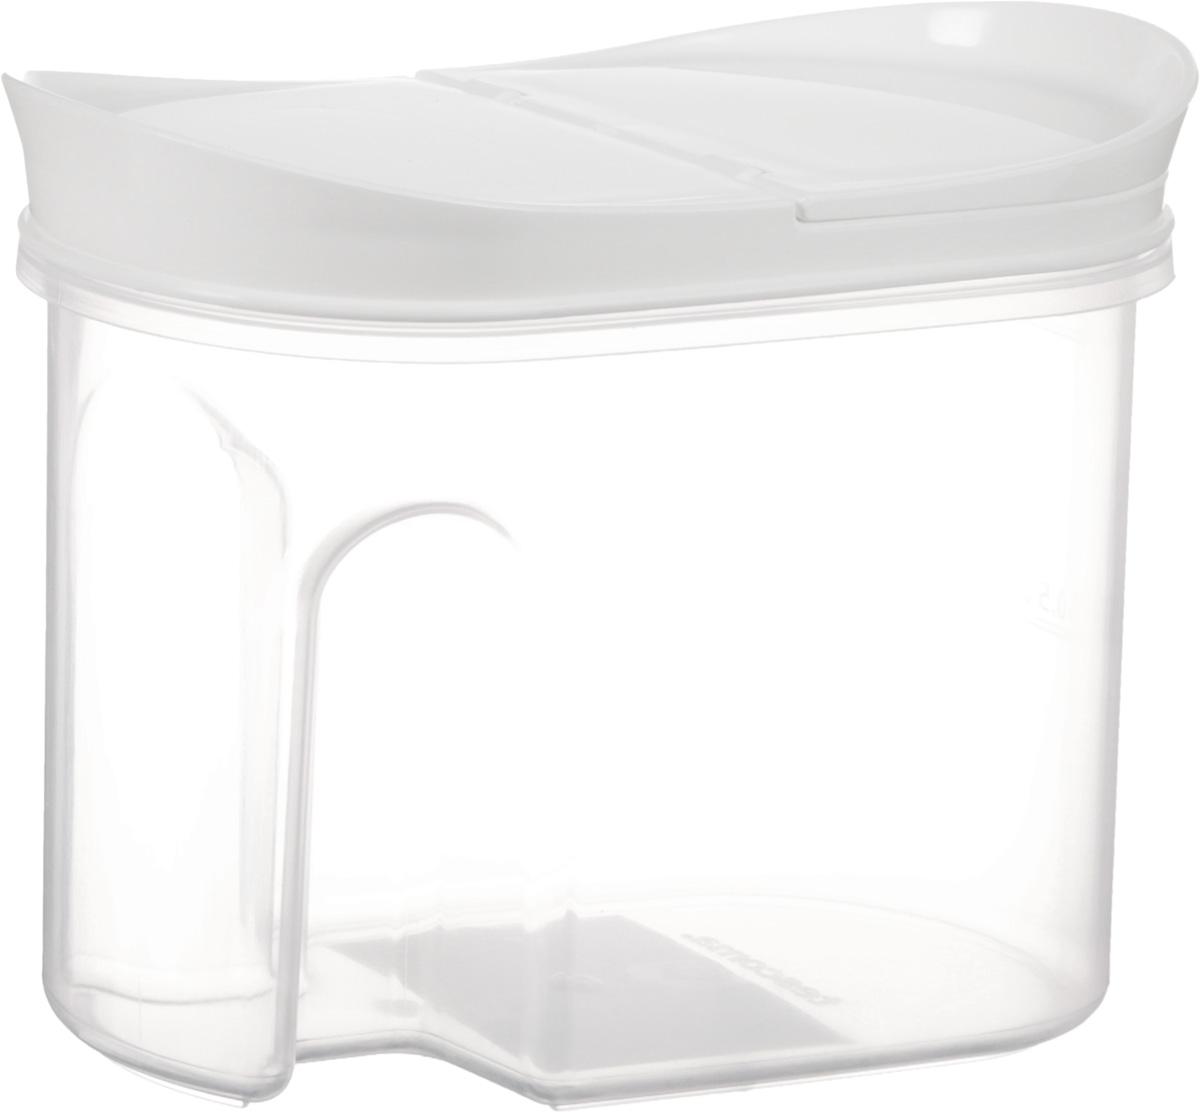 Контейнер для сыпучих продуктов Tescoma 4food, 1 л40402Контейнер с откидной крышкой Tescoma 4food изготовлен извысококачественного пластика и дополнен мерной шкалой.Изделие подходит для длительного хранения и дозированияпродуктов питания.Лаконичный внешний вид изделия позволяет идеальновписать его в любой интерьер. Подходит для использования в холодильнике. Можно мыть в посудомоечной машине. Размер изделия (с учетом крышки): 18,5 х 10 х 14 см.